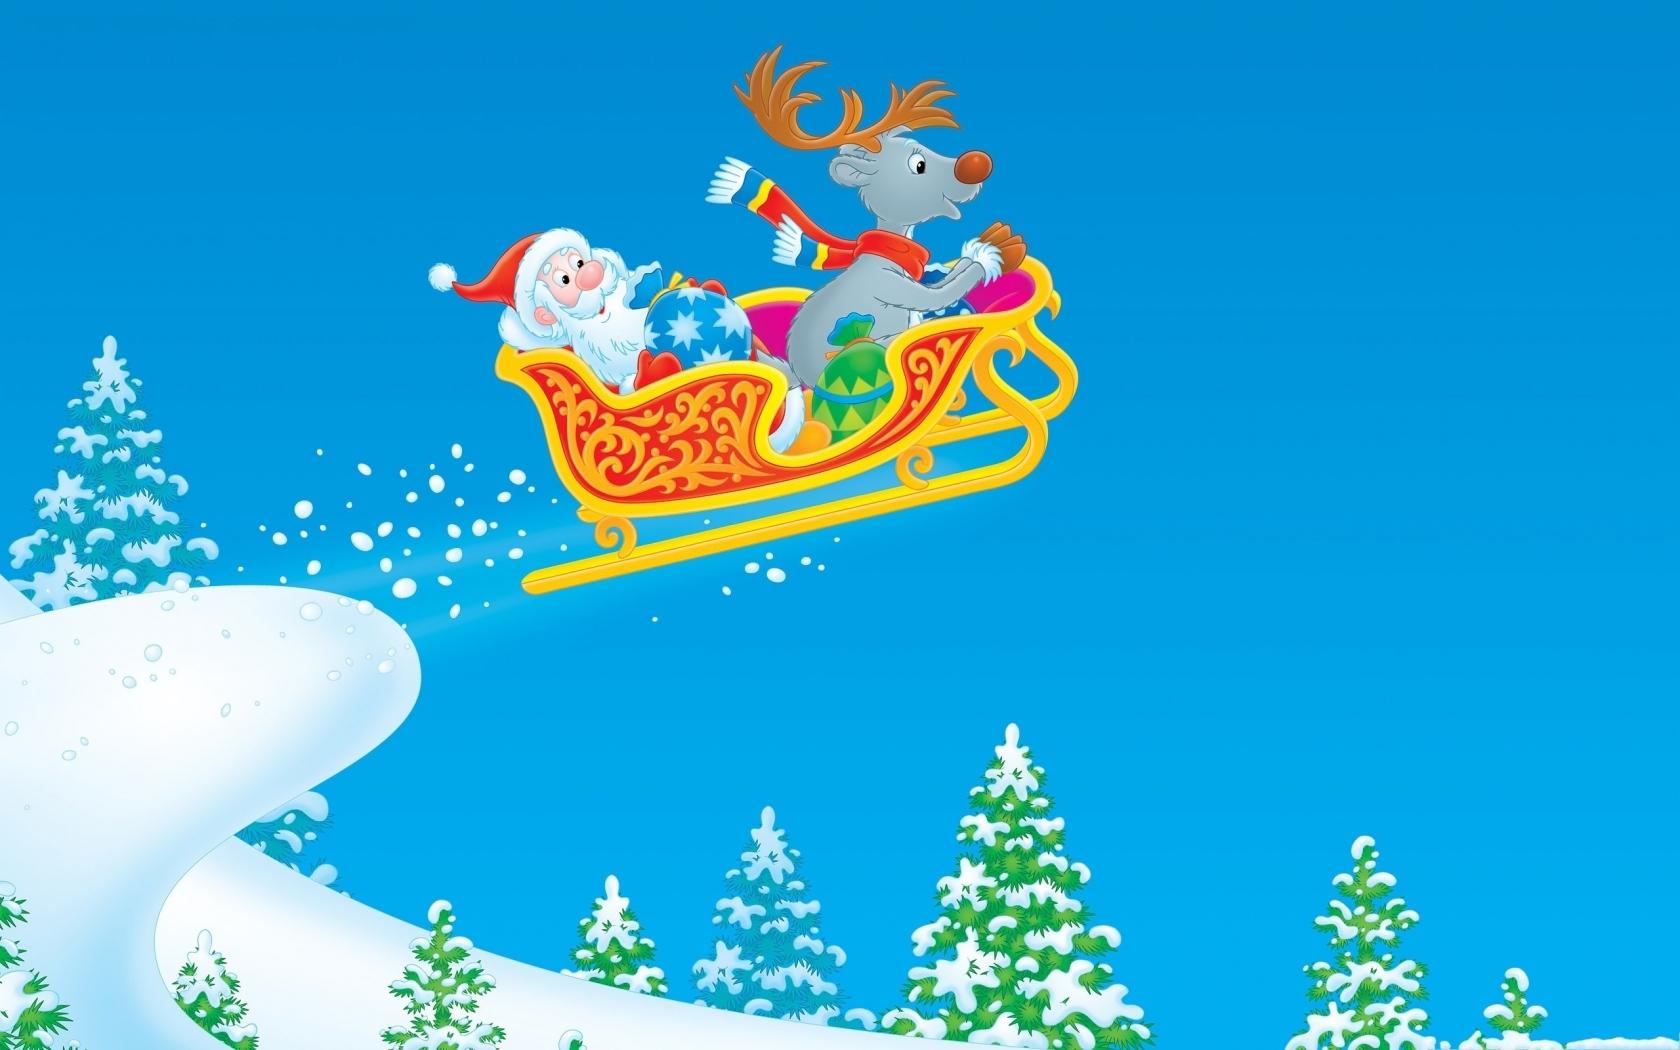 Dibujo de Santa Claus en trineo - 1680x1050